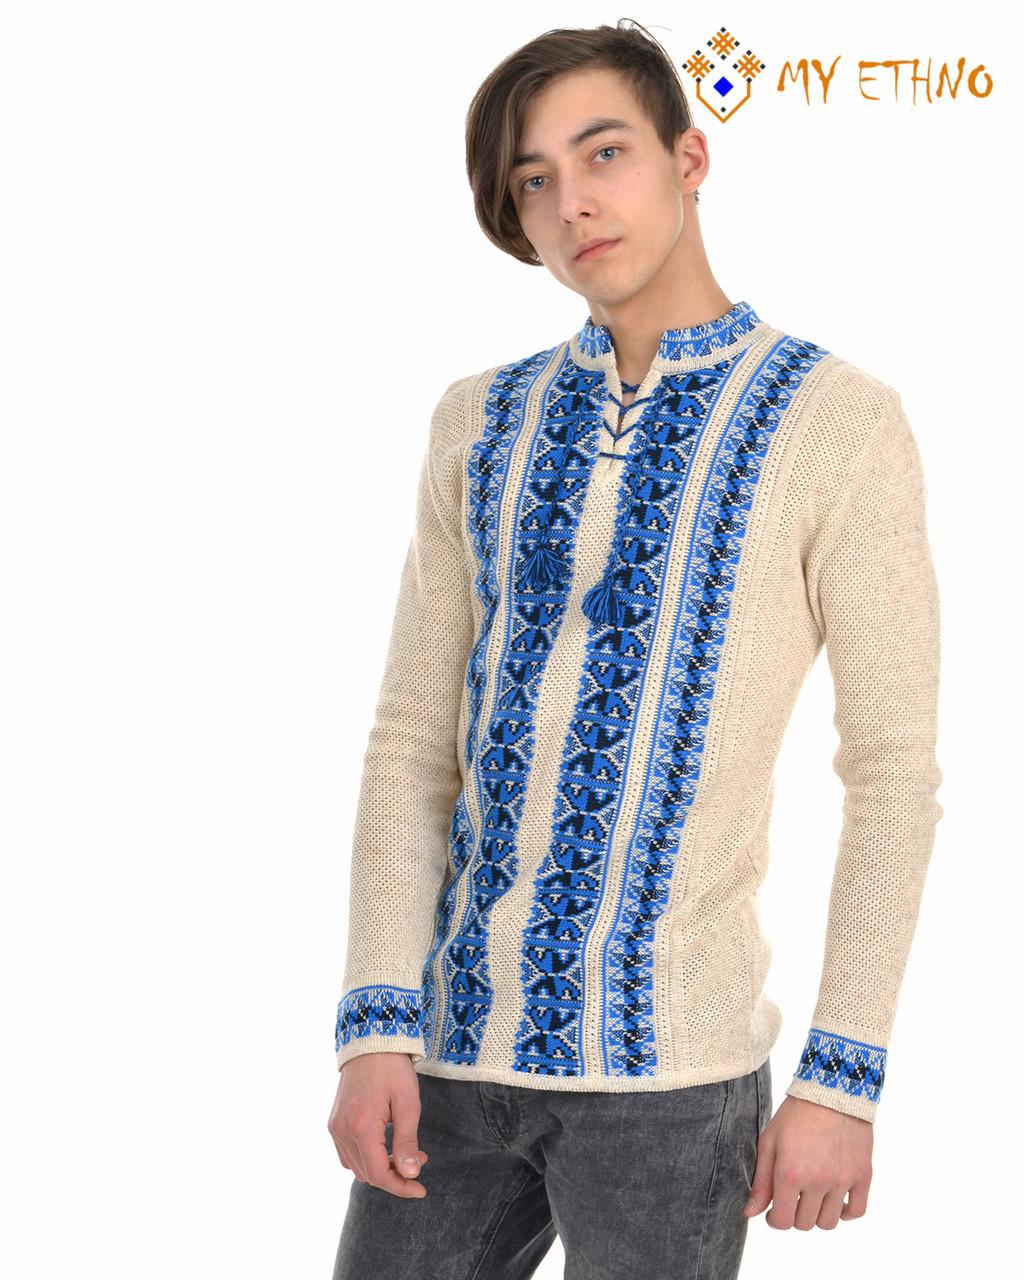 Мужская вязаная рубашка Полуботок синий вертикальный